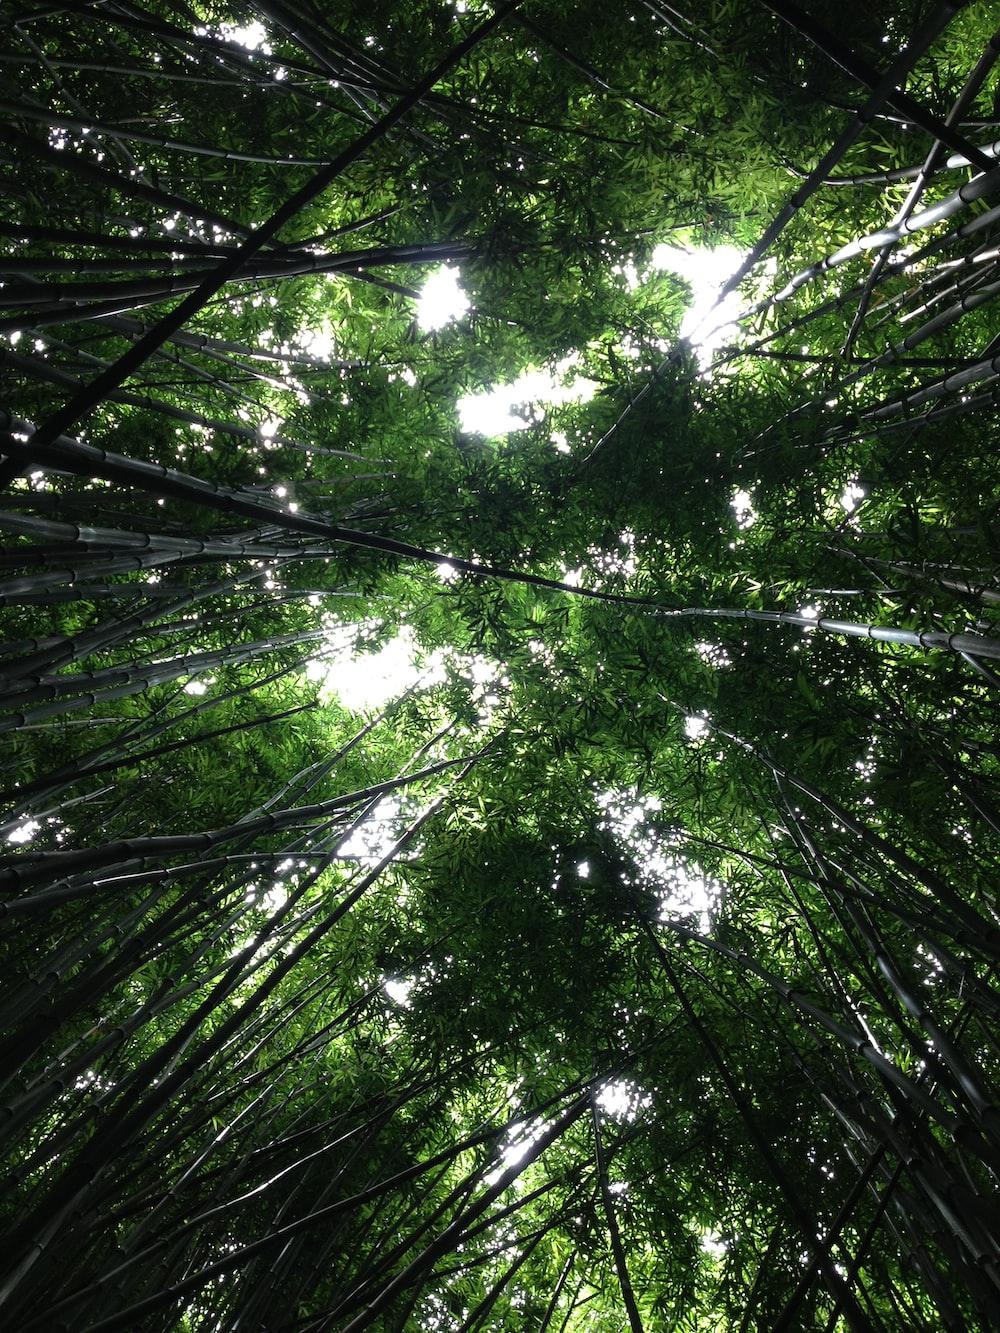 bottom view shot of bamboos during daytime